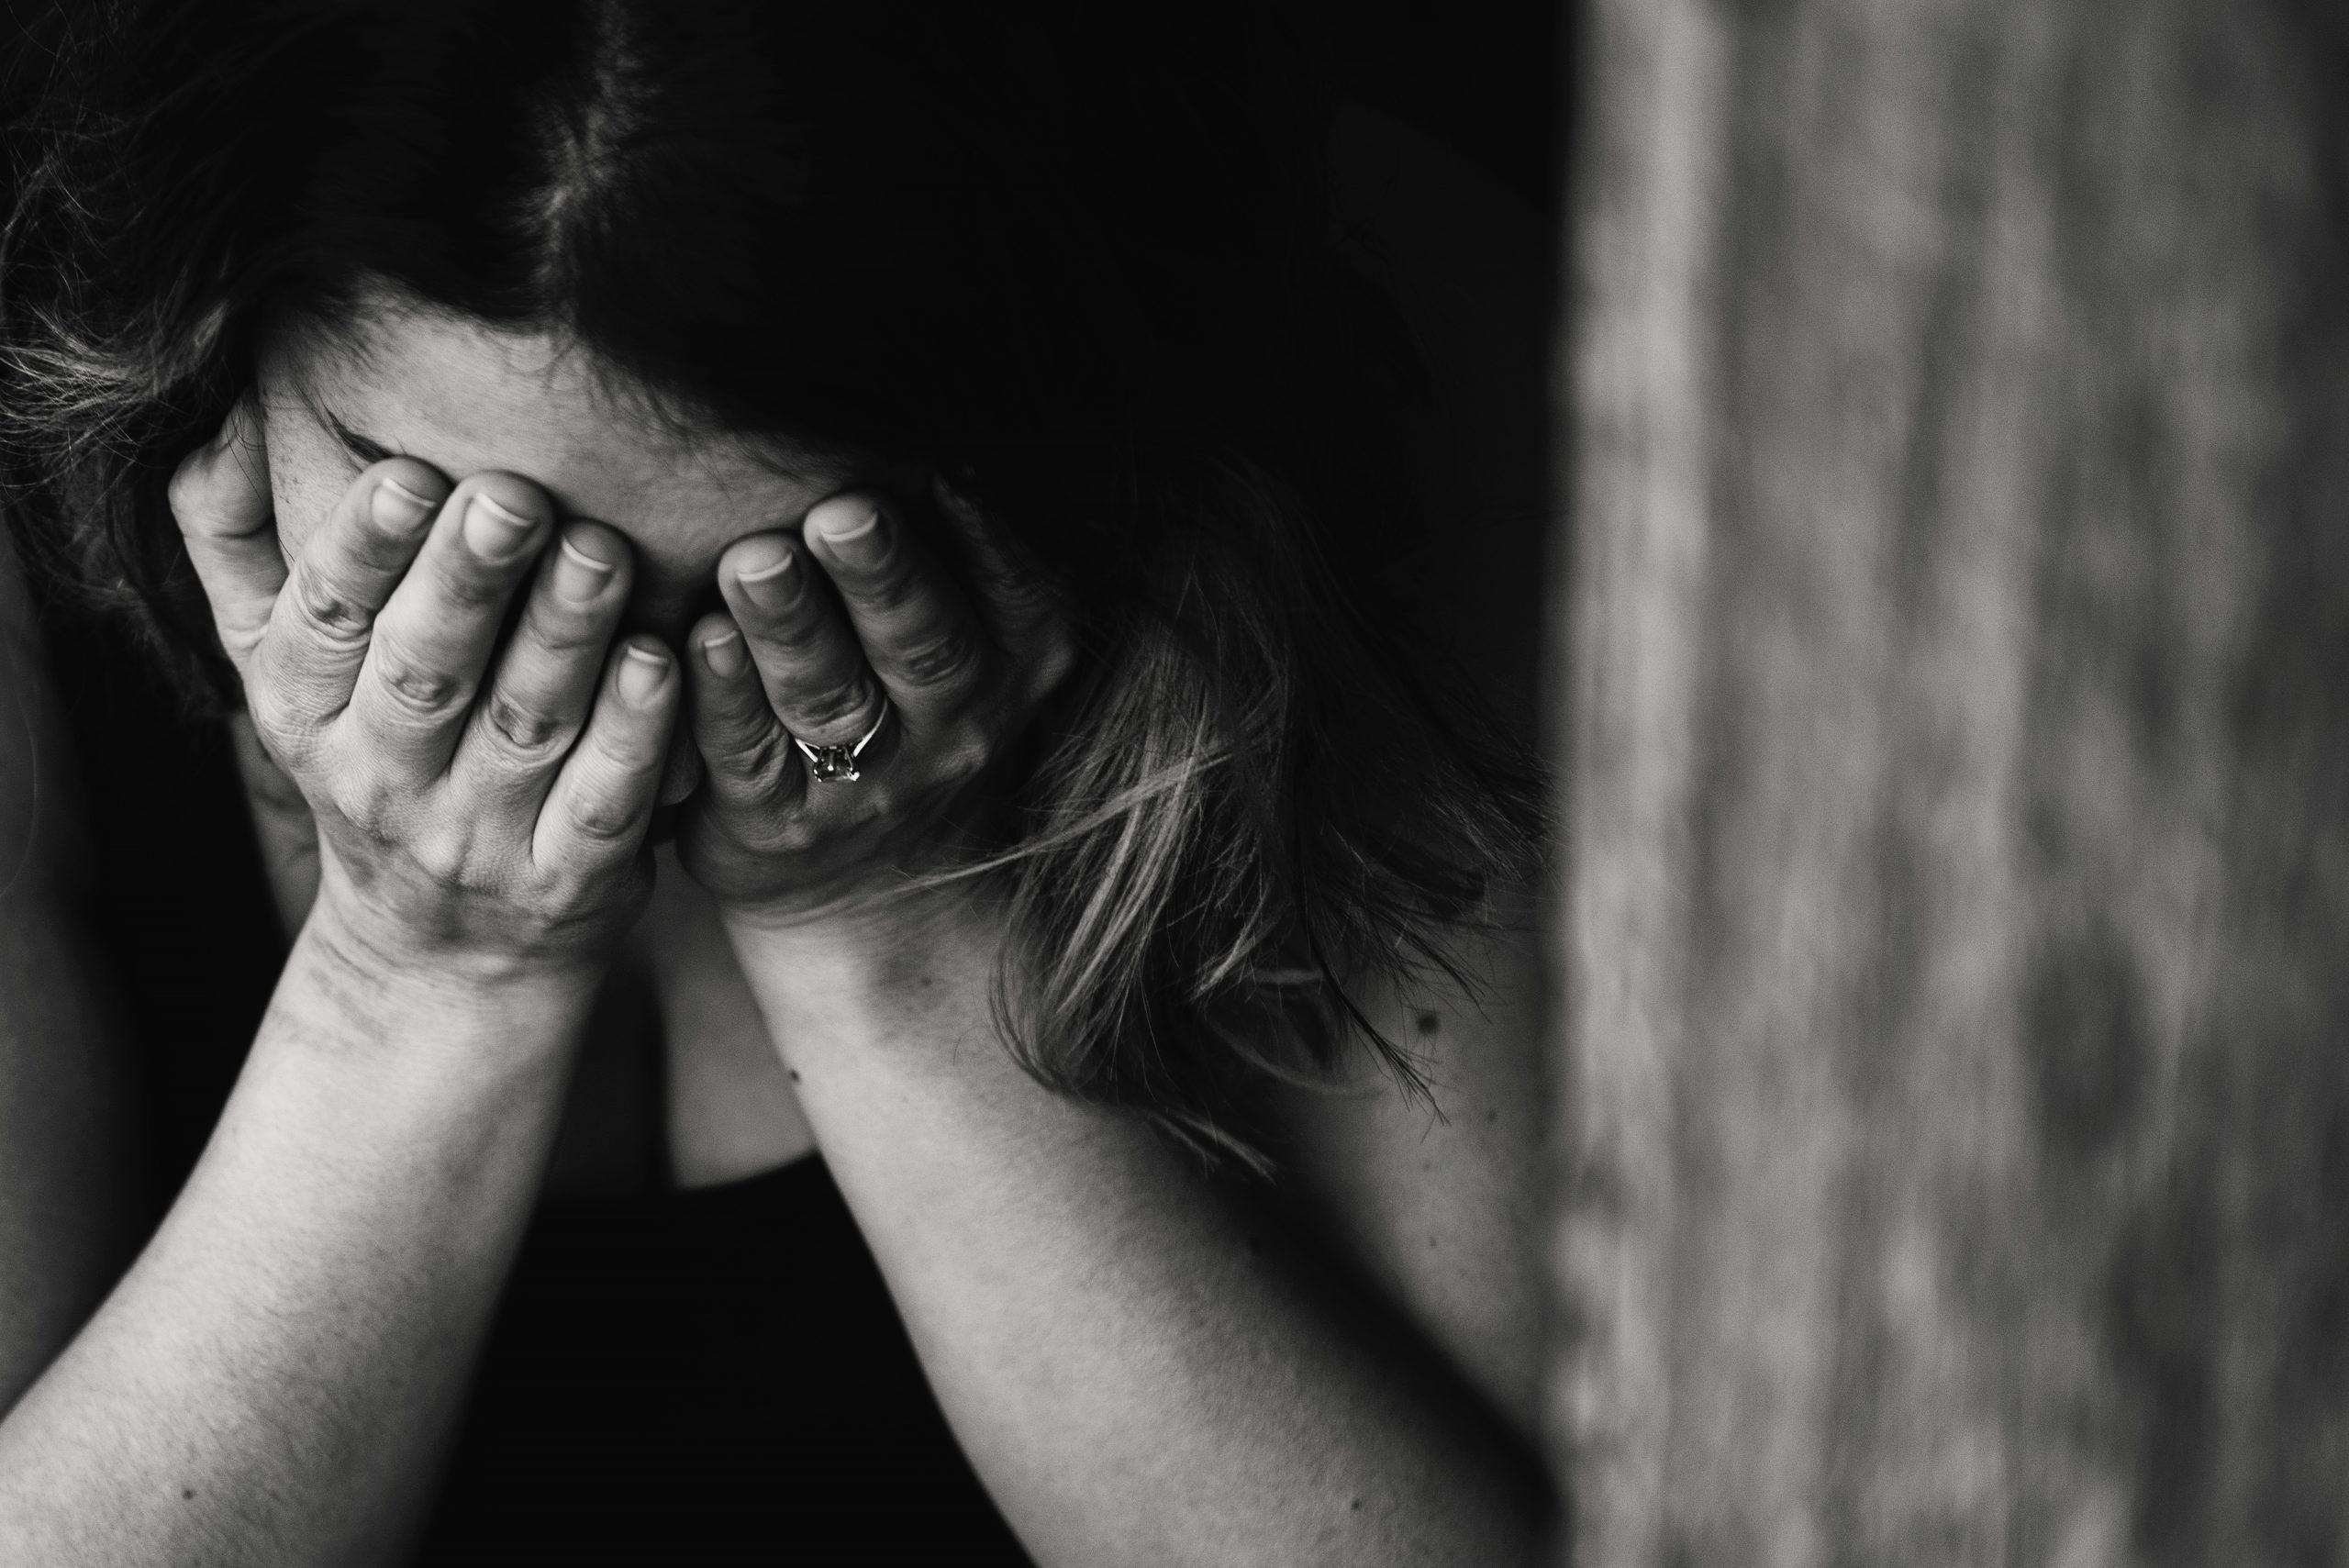 Cara Mengetahui Apakah Anda Memiliki Masalah Ketergantungan Emosional scaled